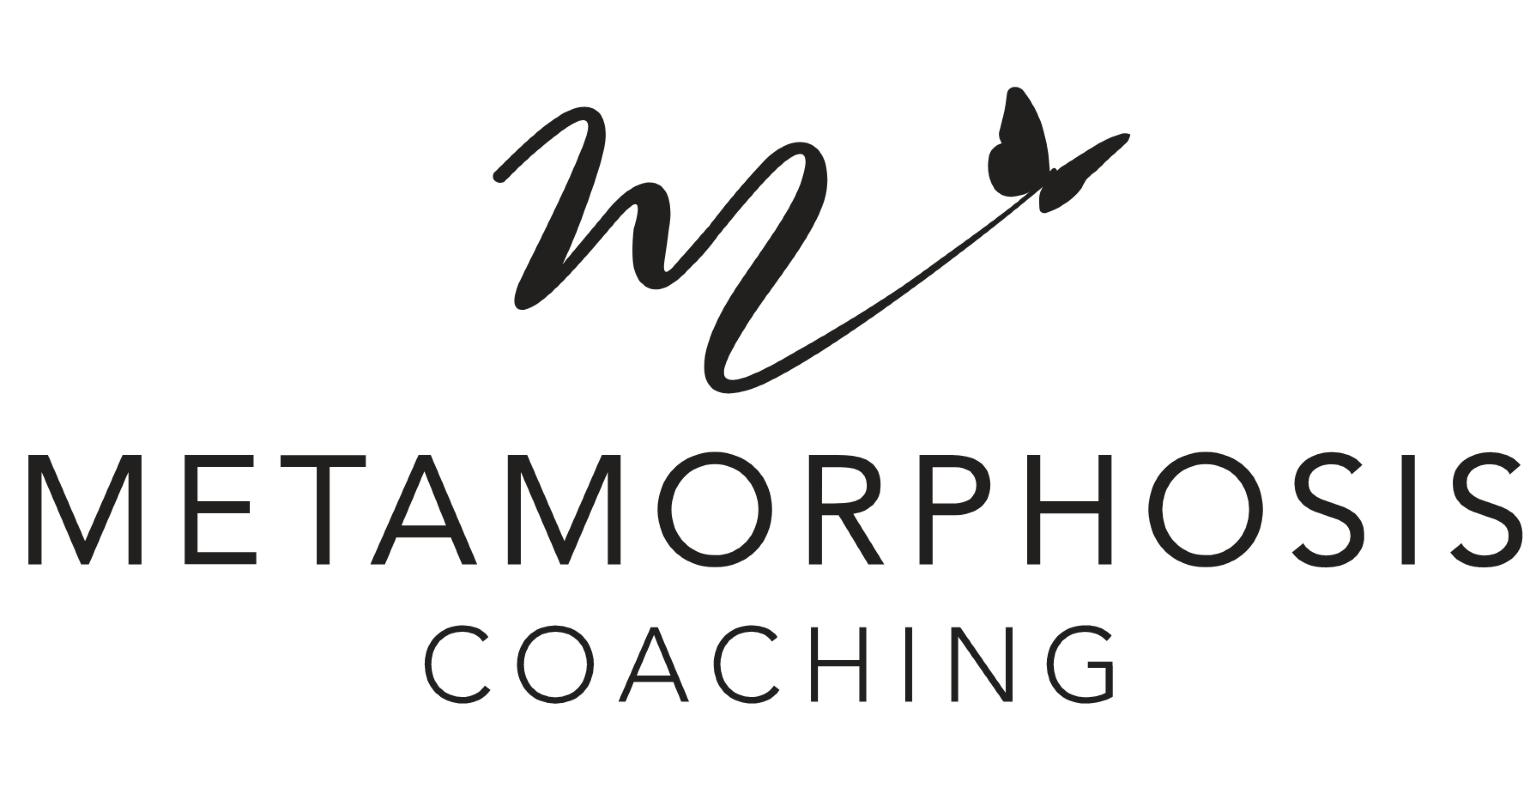 Metamorphosis coaching logo